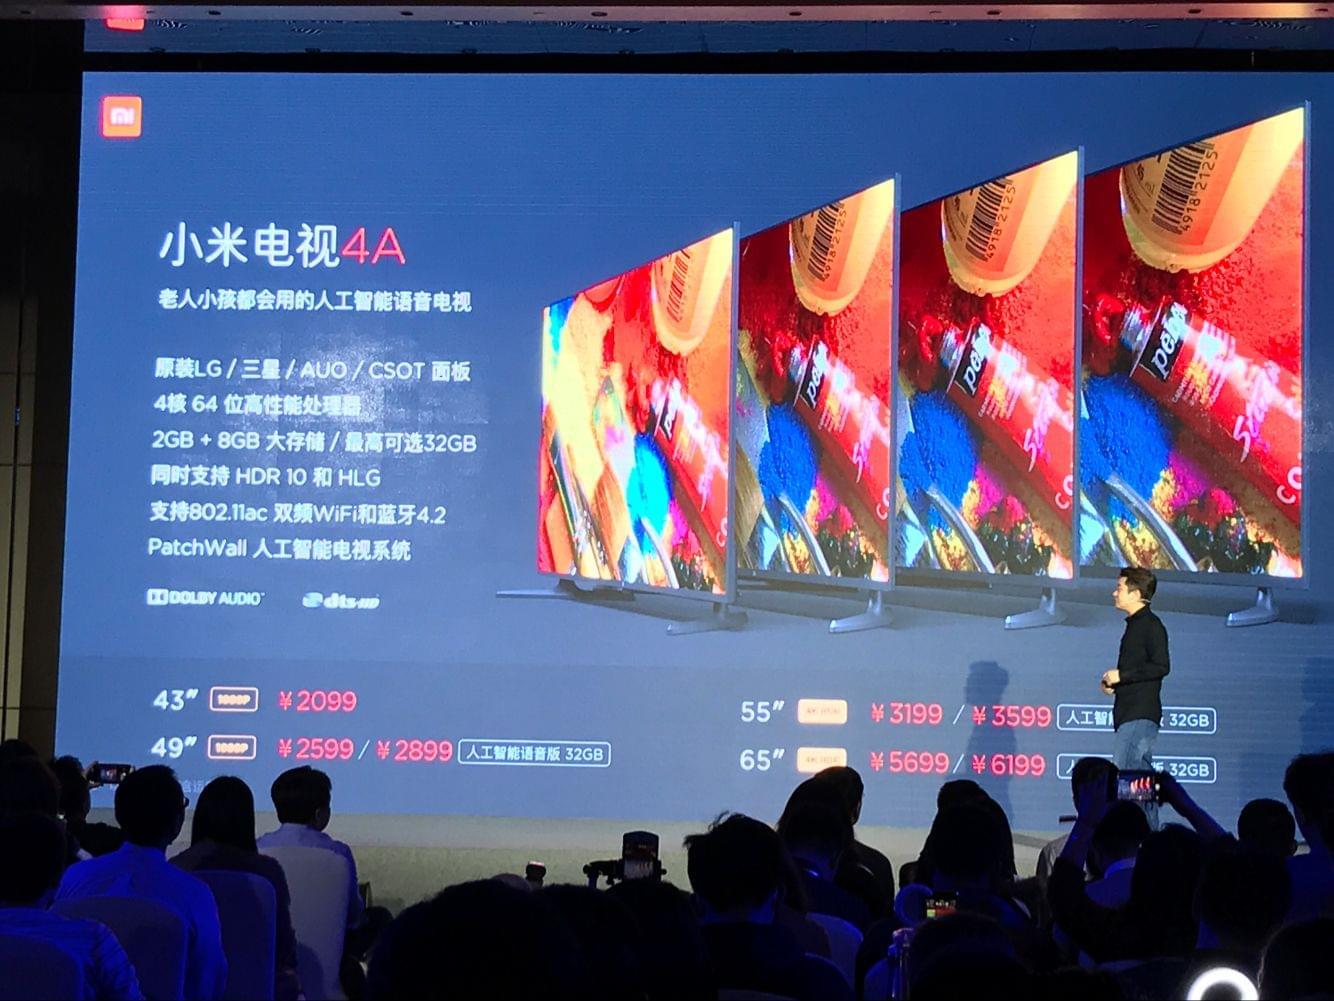 价格屠夫再临:小米电视4A正式发布 最低2099元起的照片 - 15